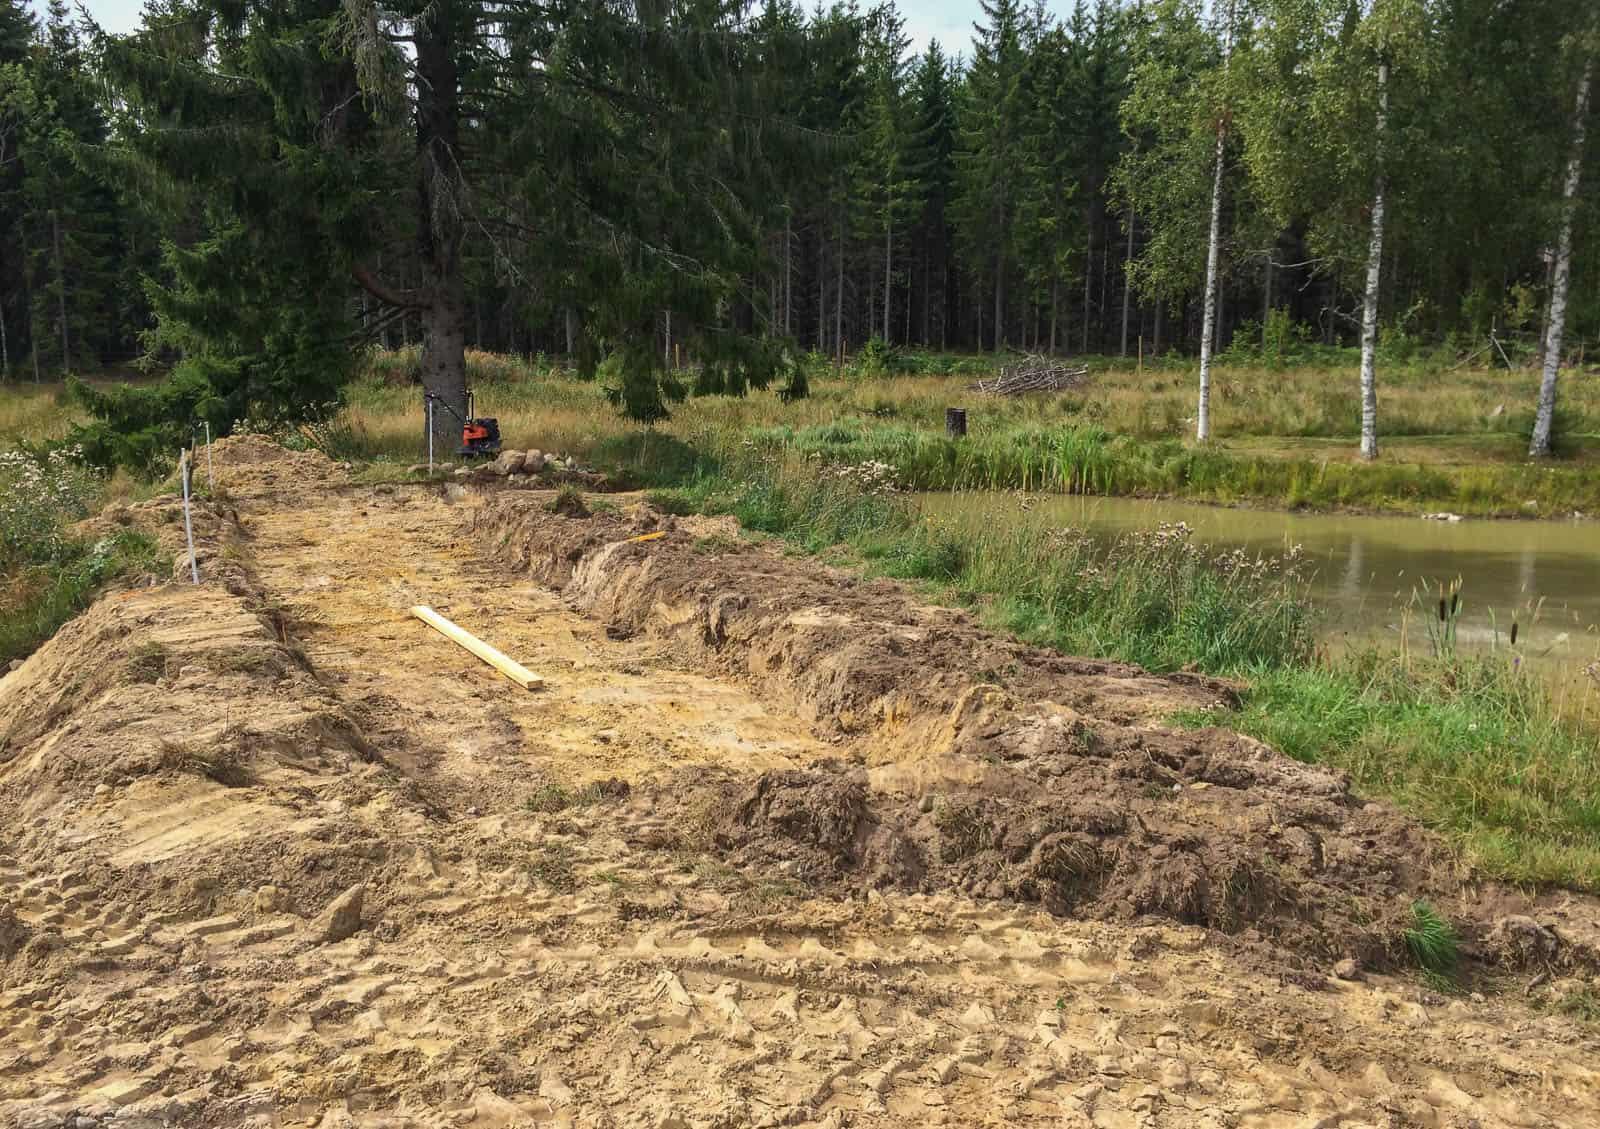 Vattnet kommer att ledas ut i grusbädden för att sedan återbördas till dammen via ett vattenfall.